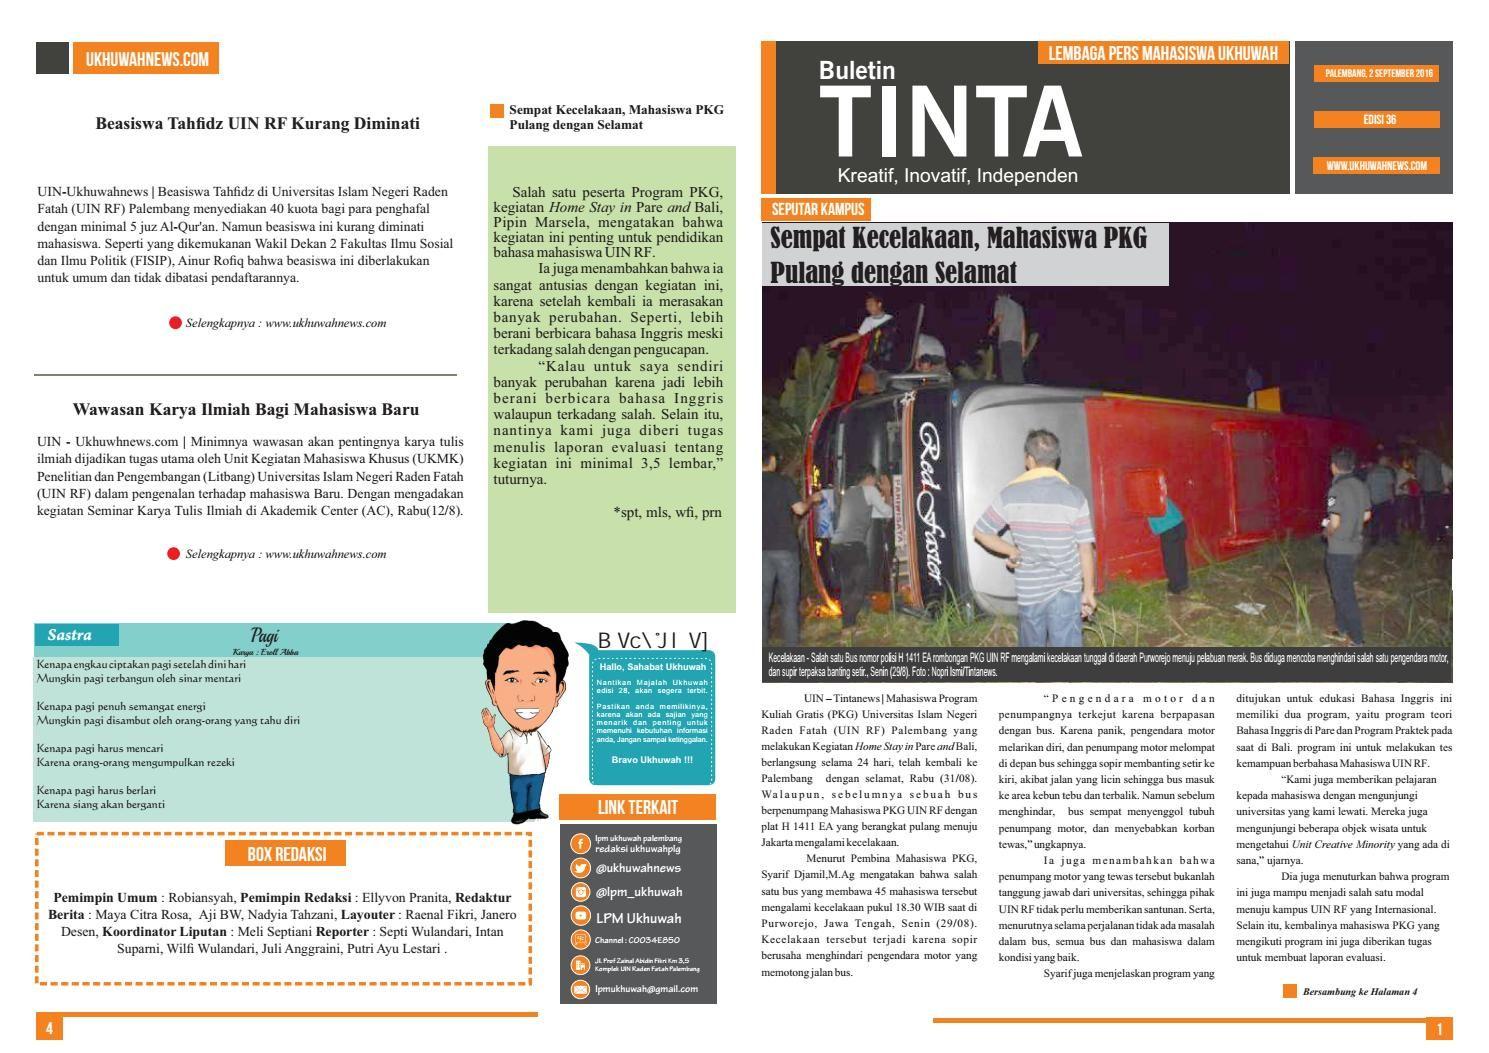 Buletin Tinta Edisi 36, 2 September 2016